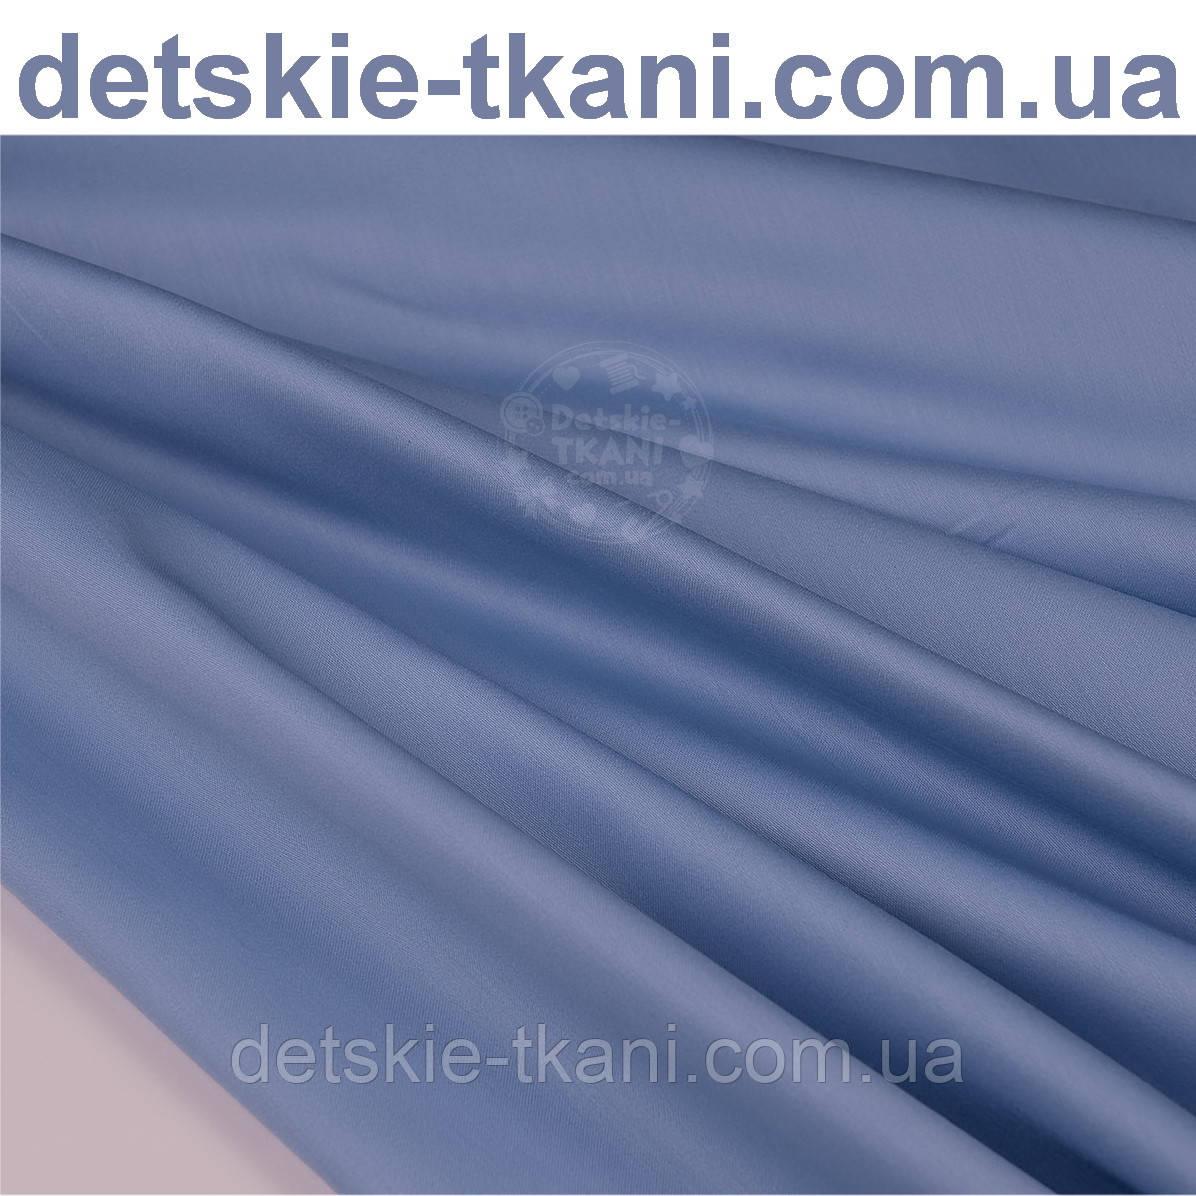 Сатин премиум, цвет васильковый, ширина 240 см (№1090)